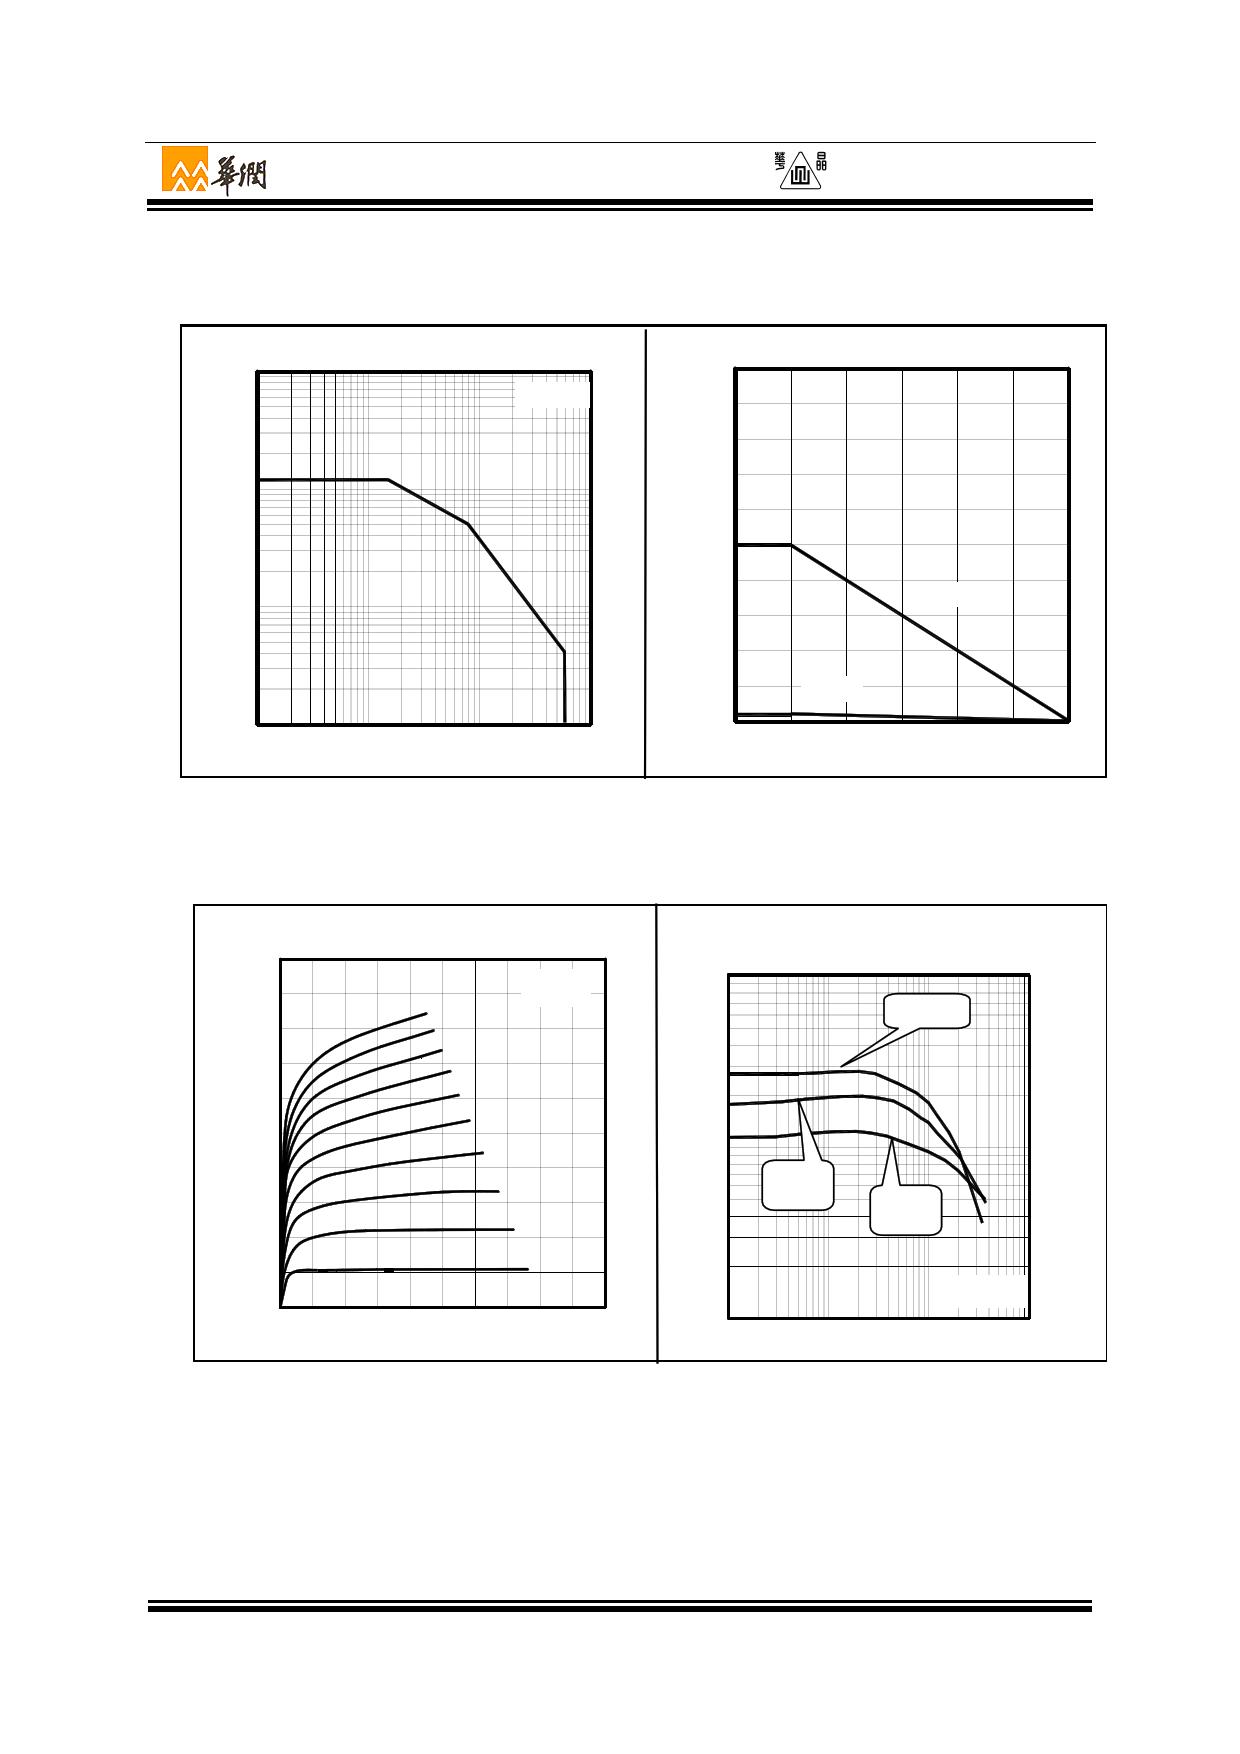 3DD3145A6 pdf, ピン配列